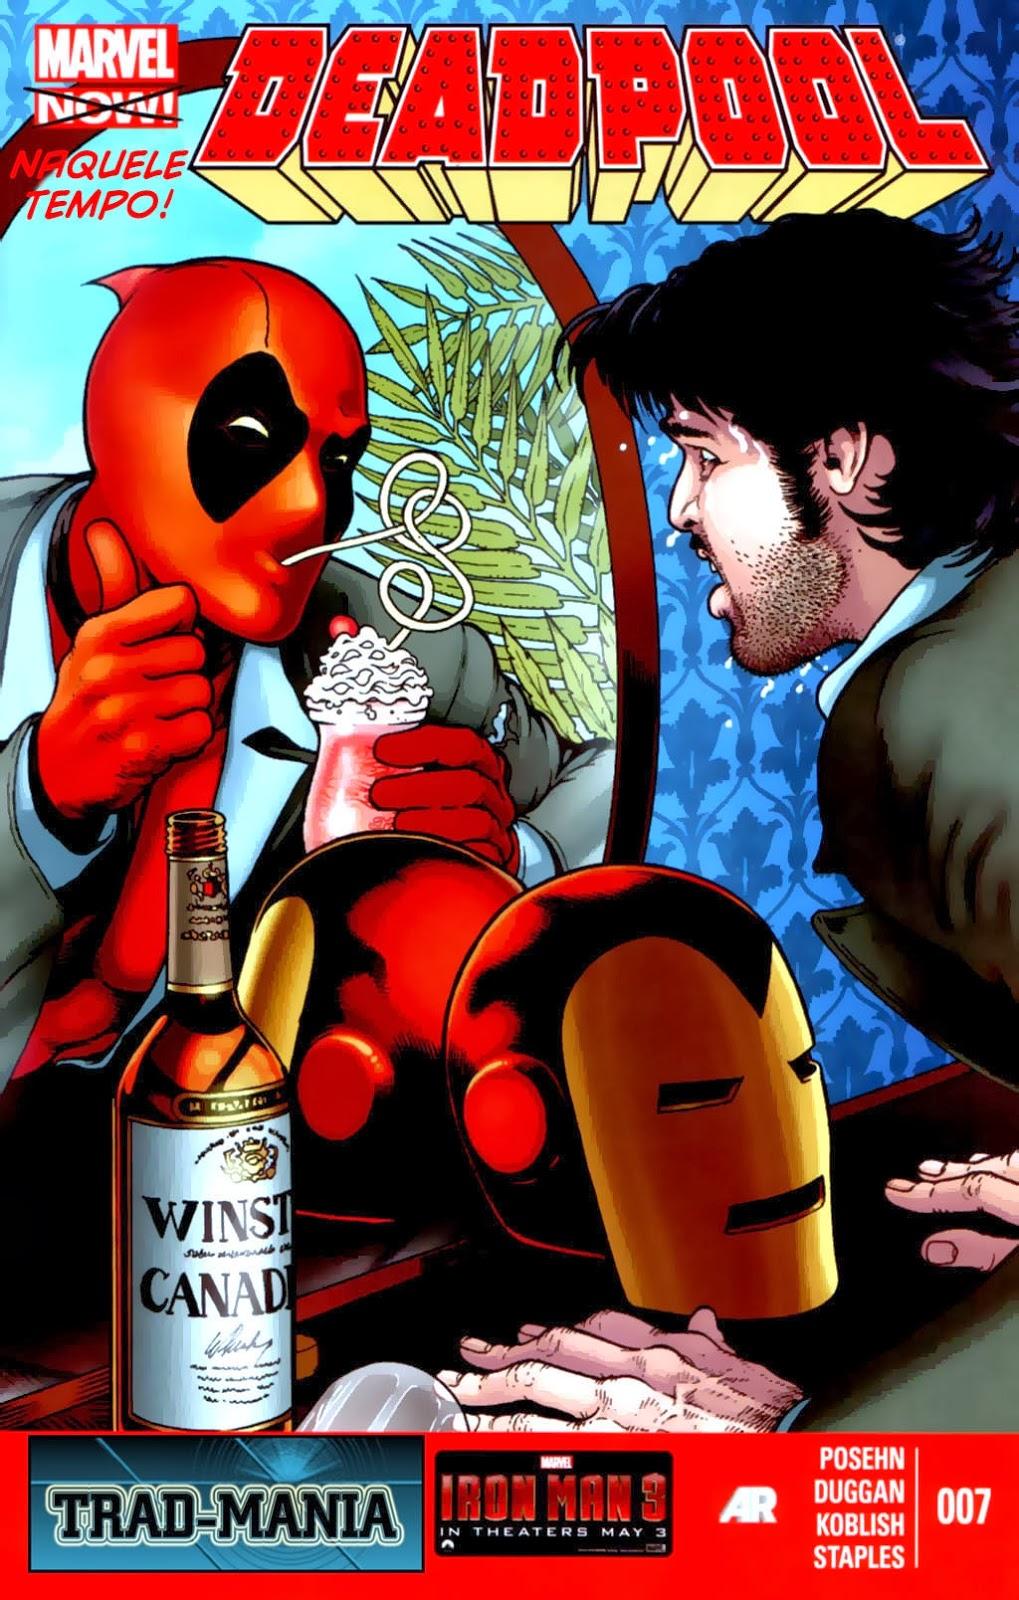 Nova Marvel! Deadpool v5 #7